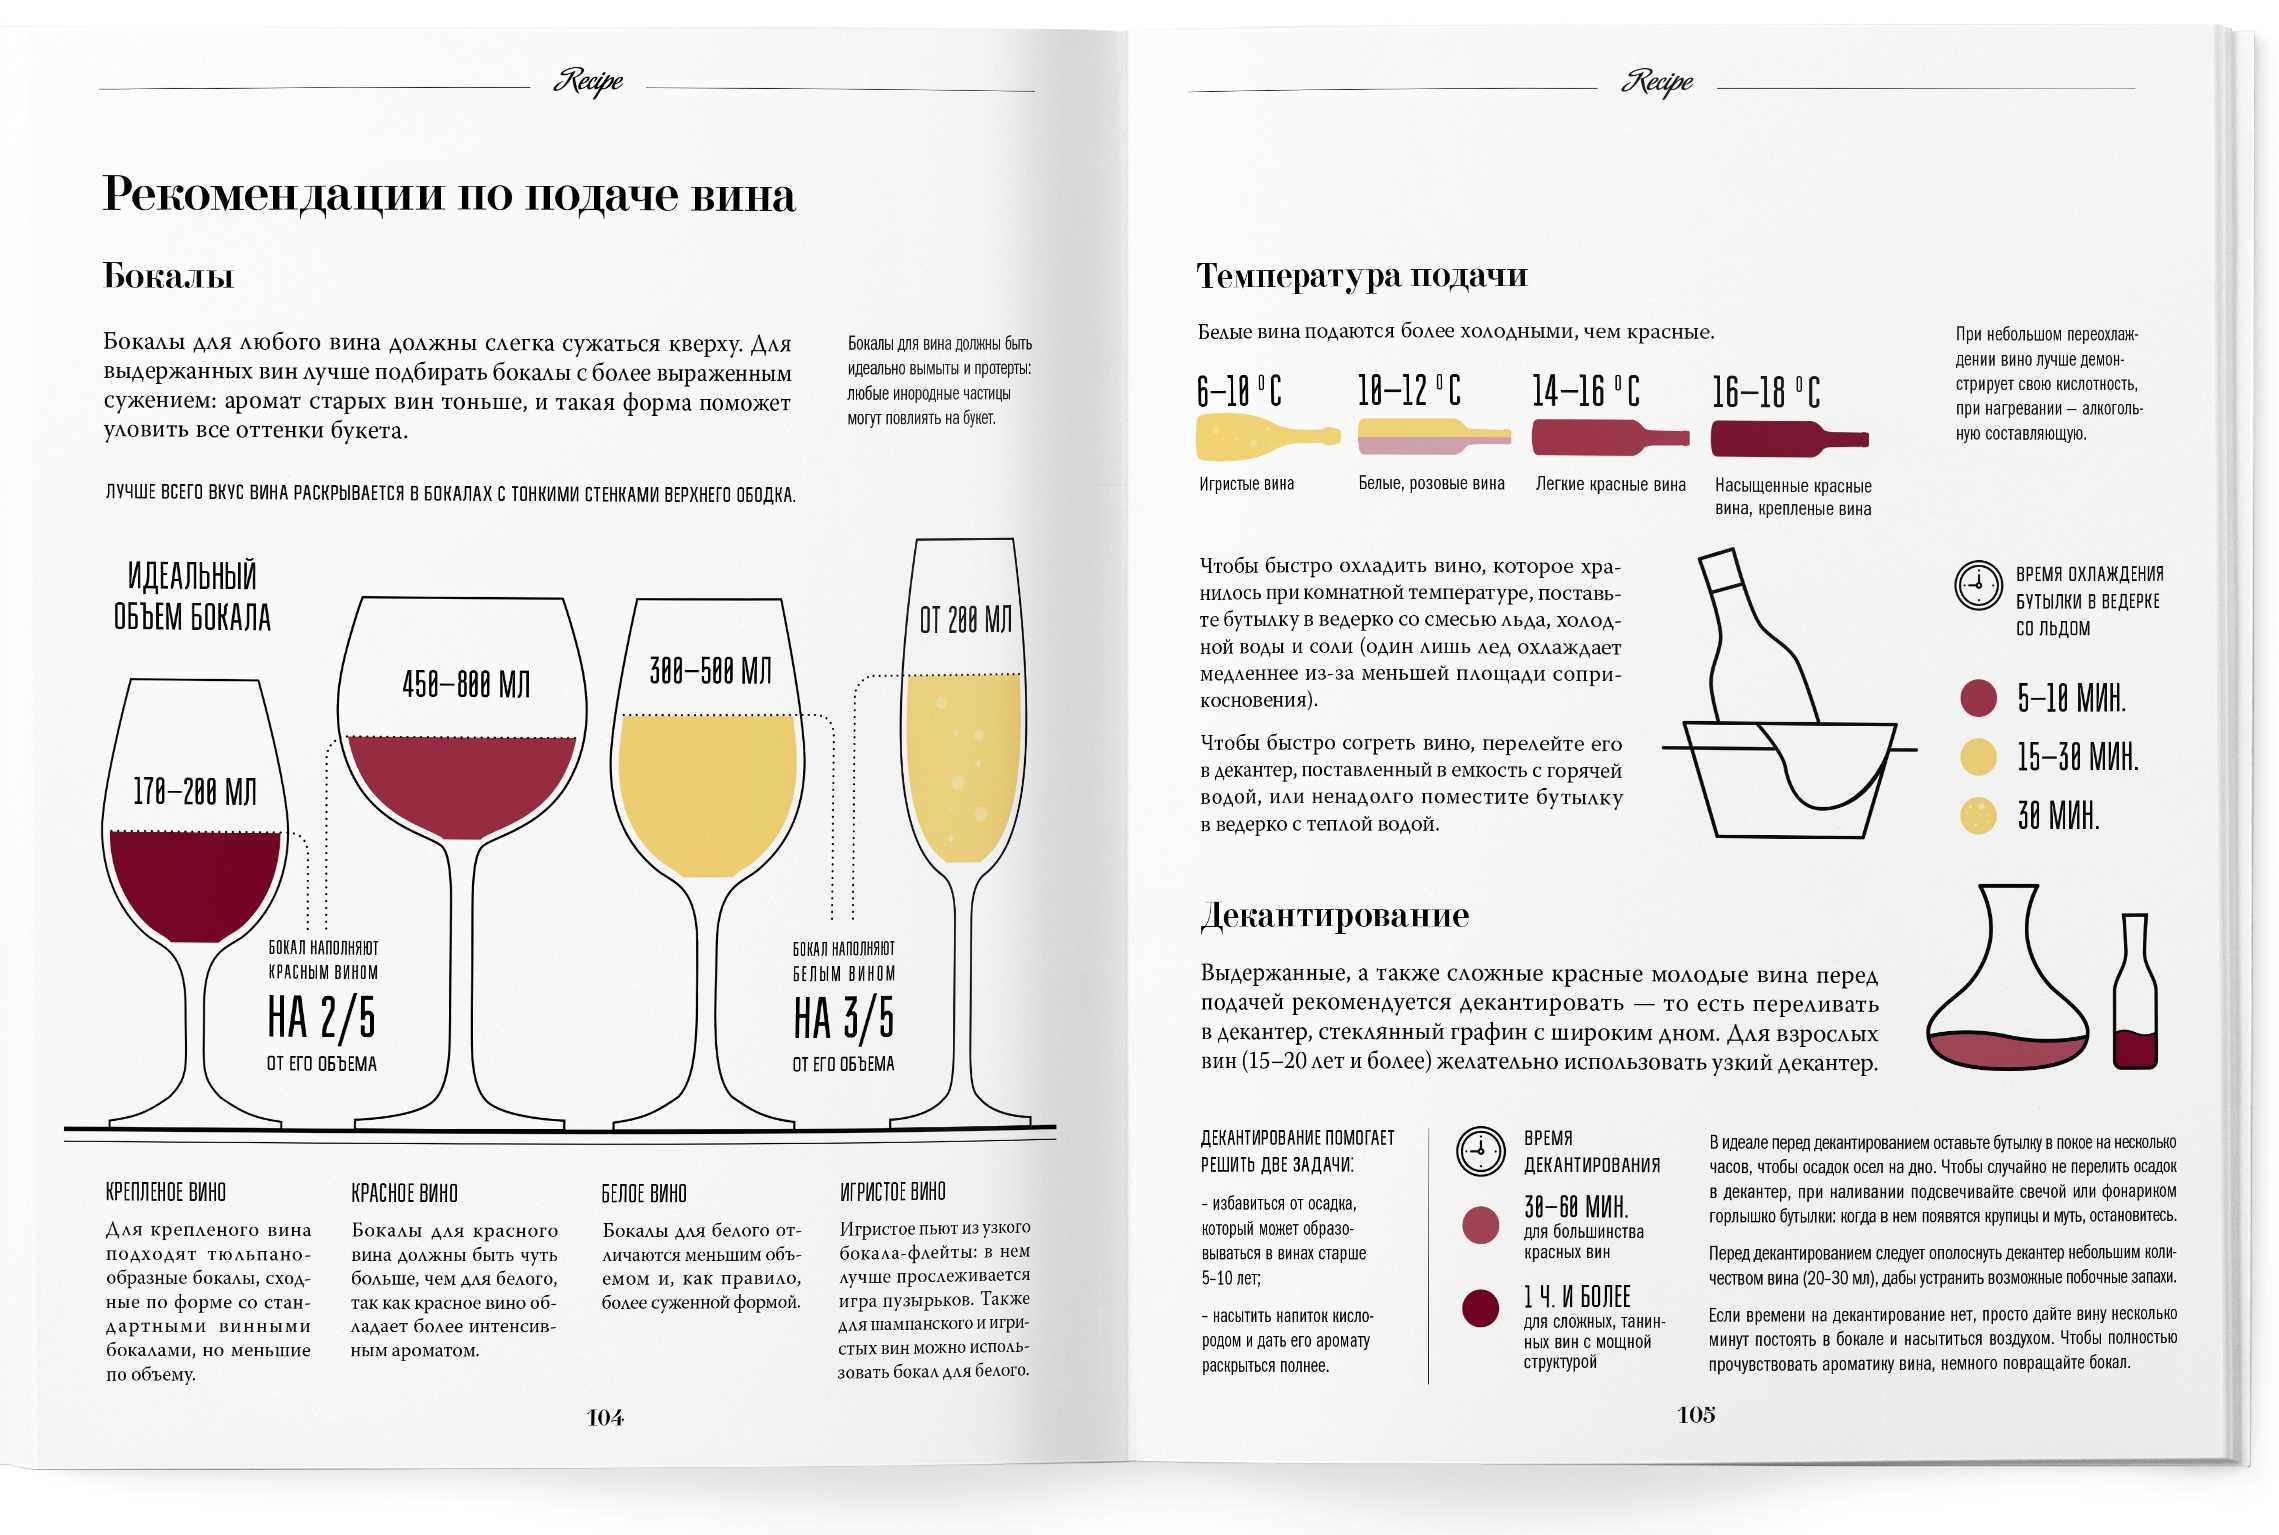 Вино При Диете Какое Можно. Какой алкоголь можно без опаски пить на диете?